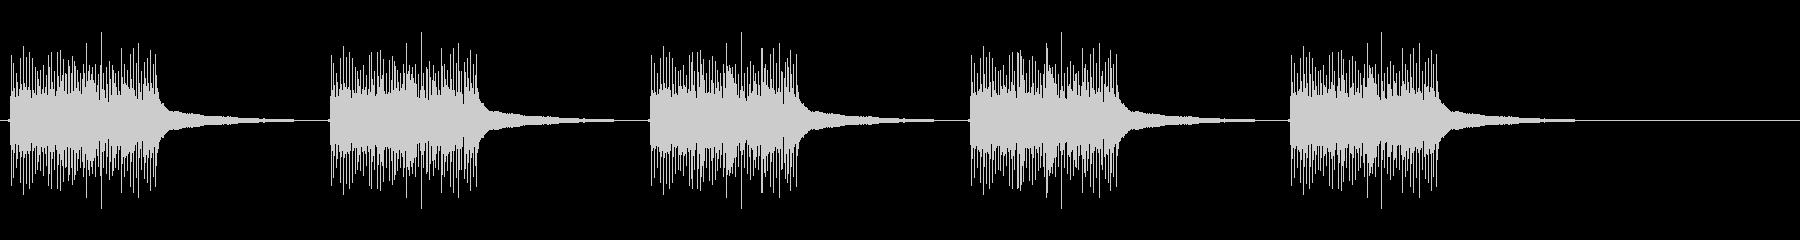 電話リング、ベル型アンティーク電話1。の未再生の波形